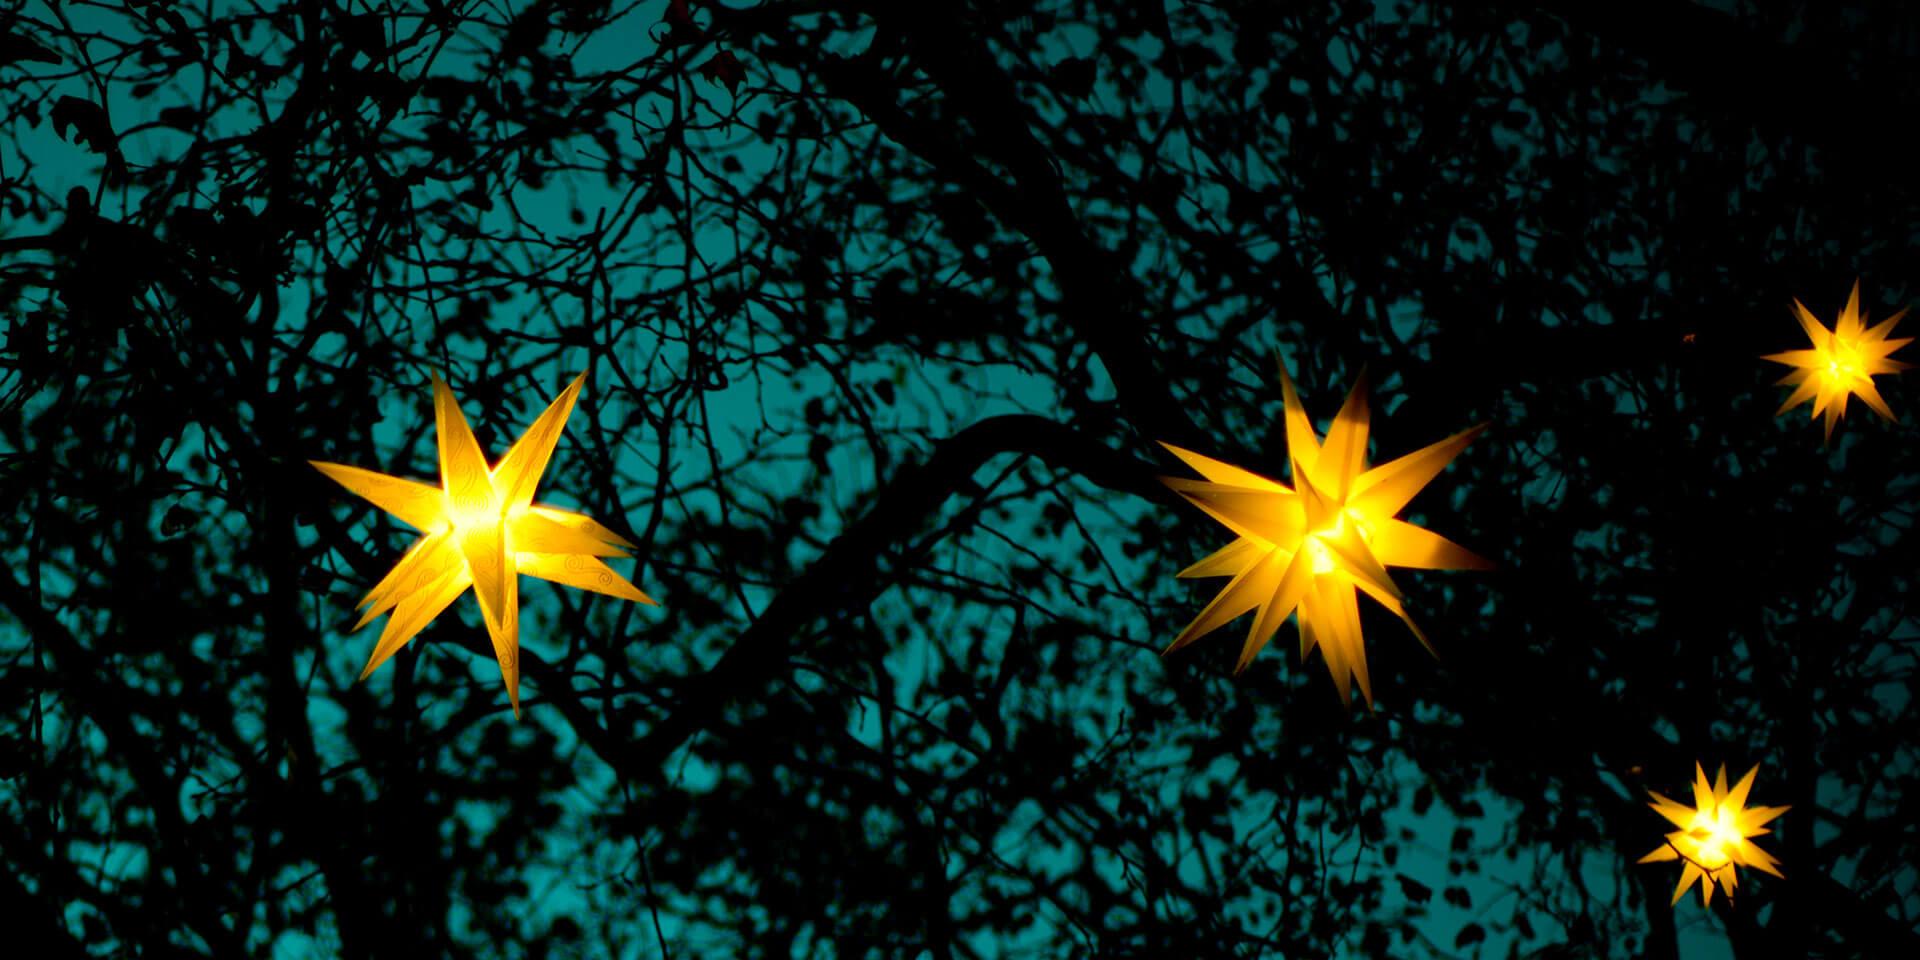 Sternleuchten in Baumkrone